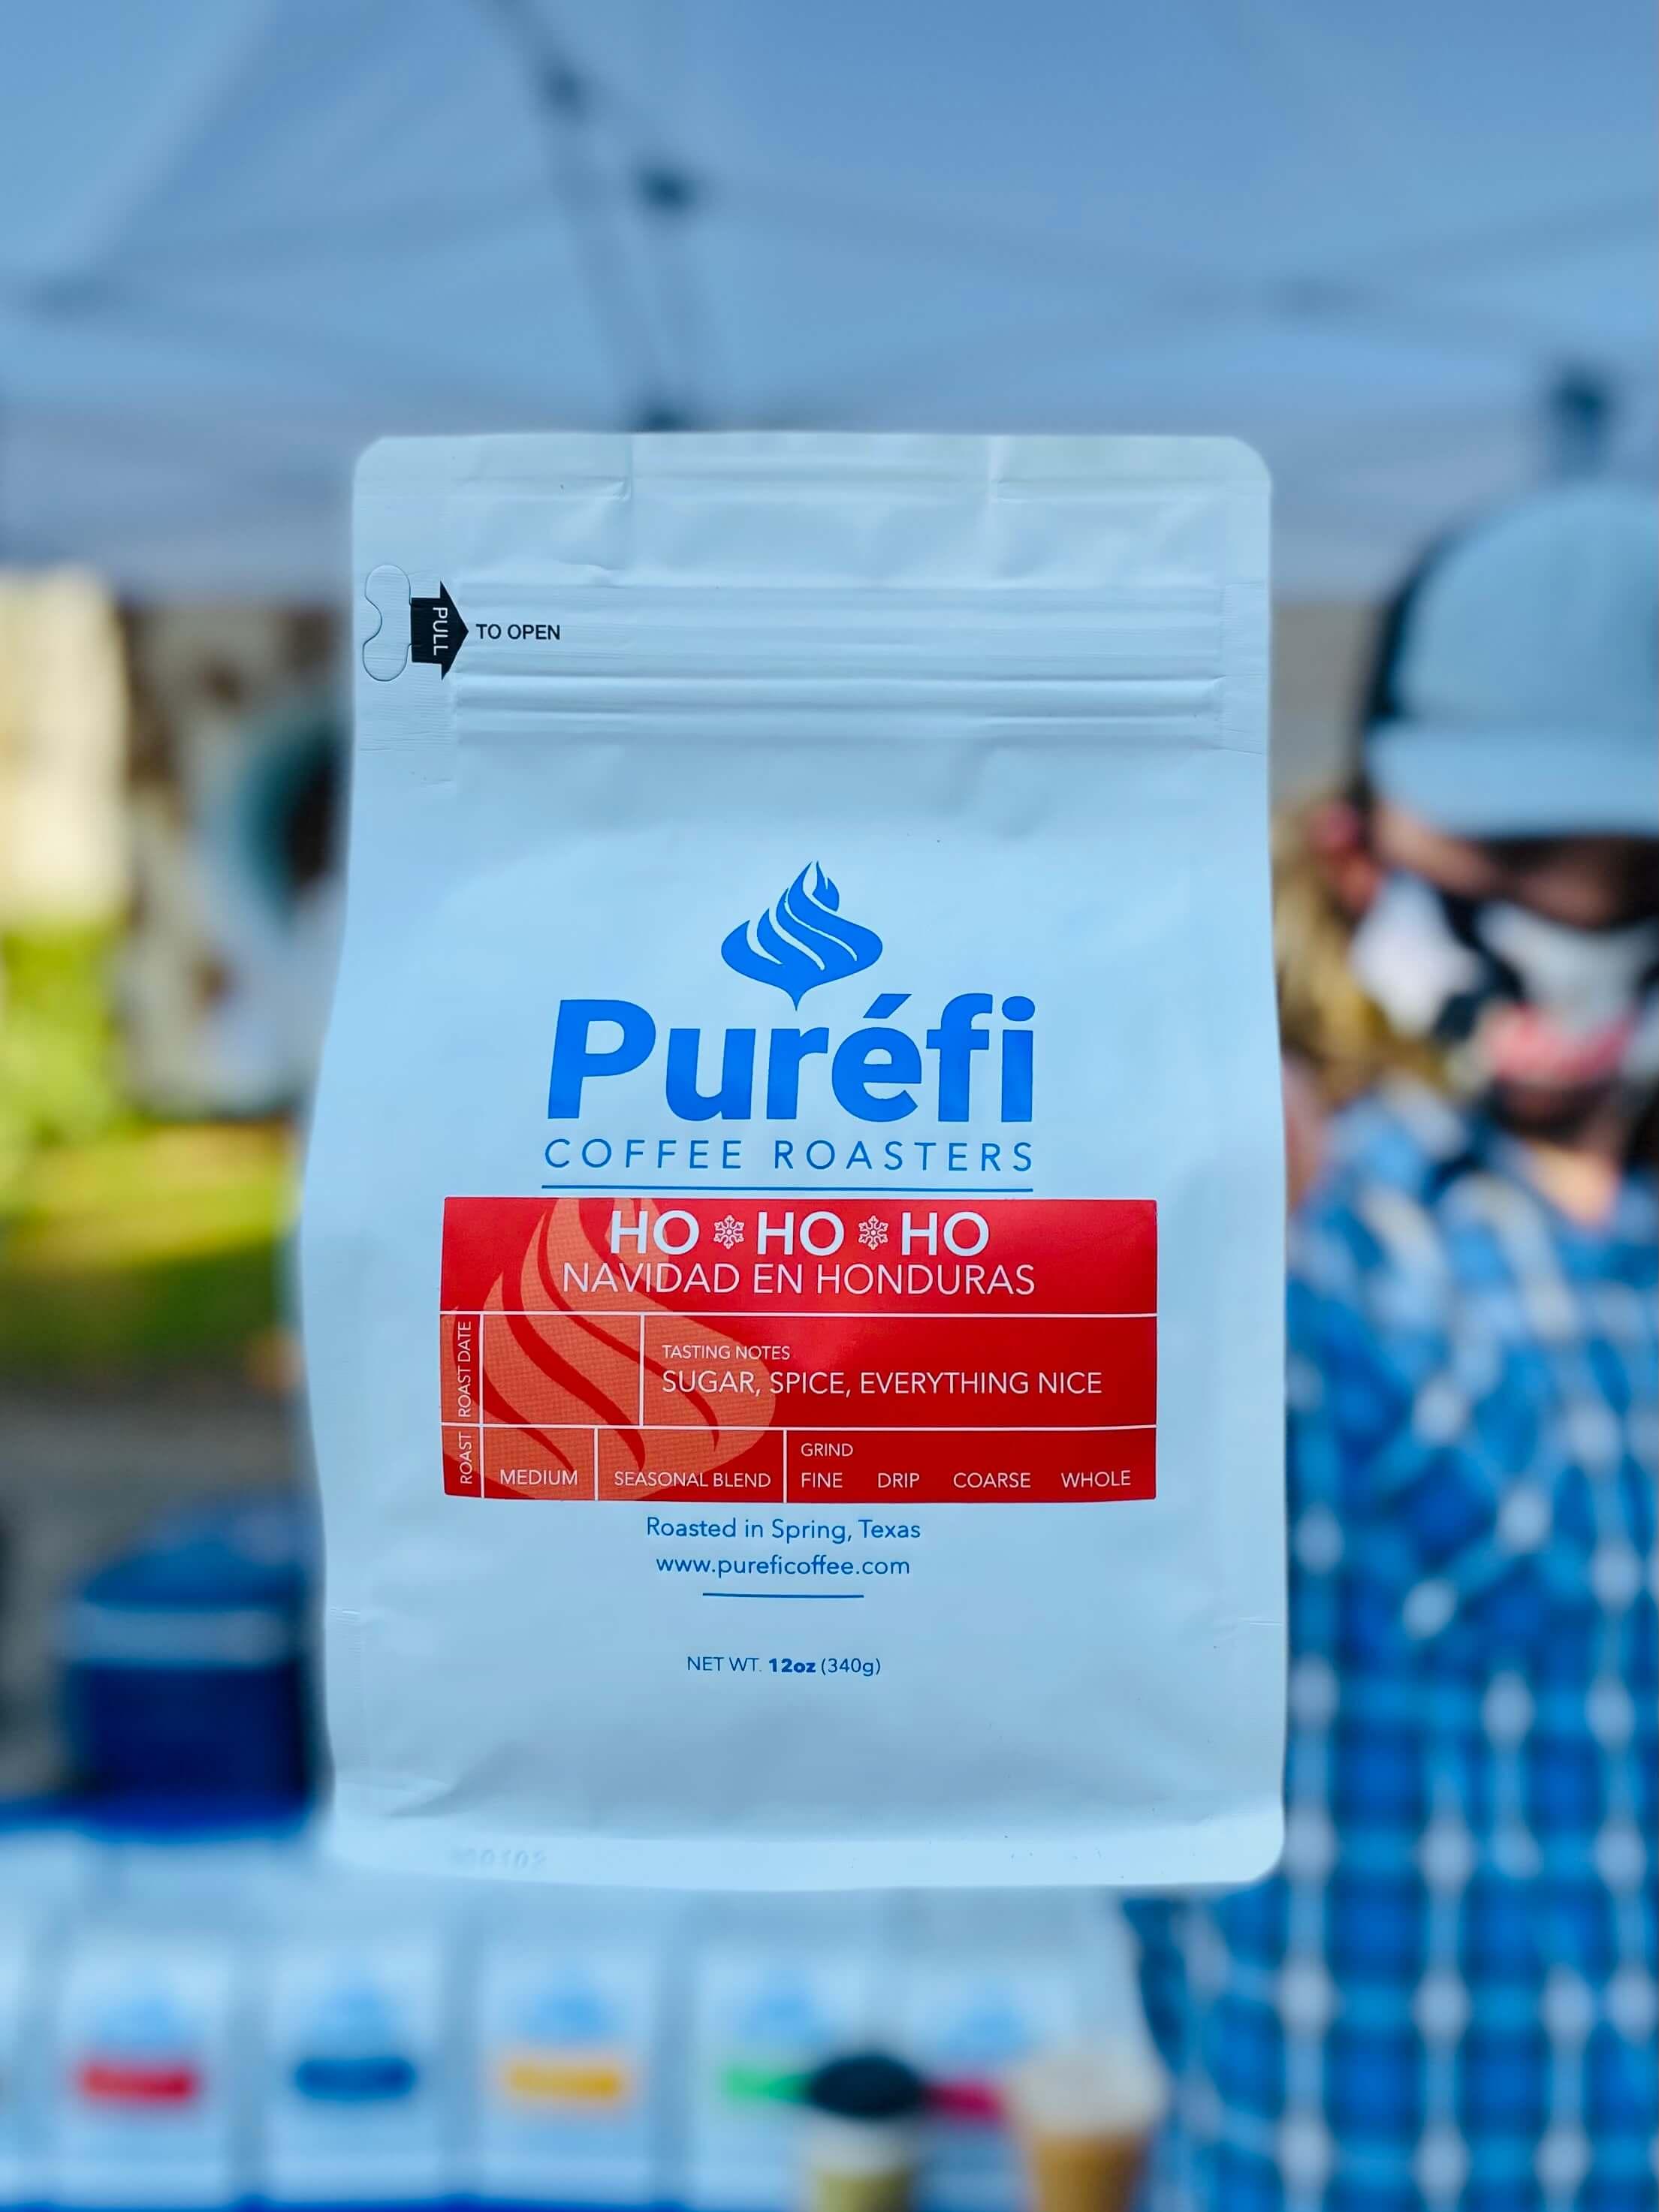 Ho Ho Ho from Purefi Coffee Roasters